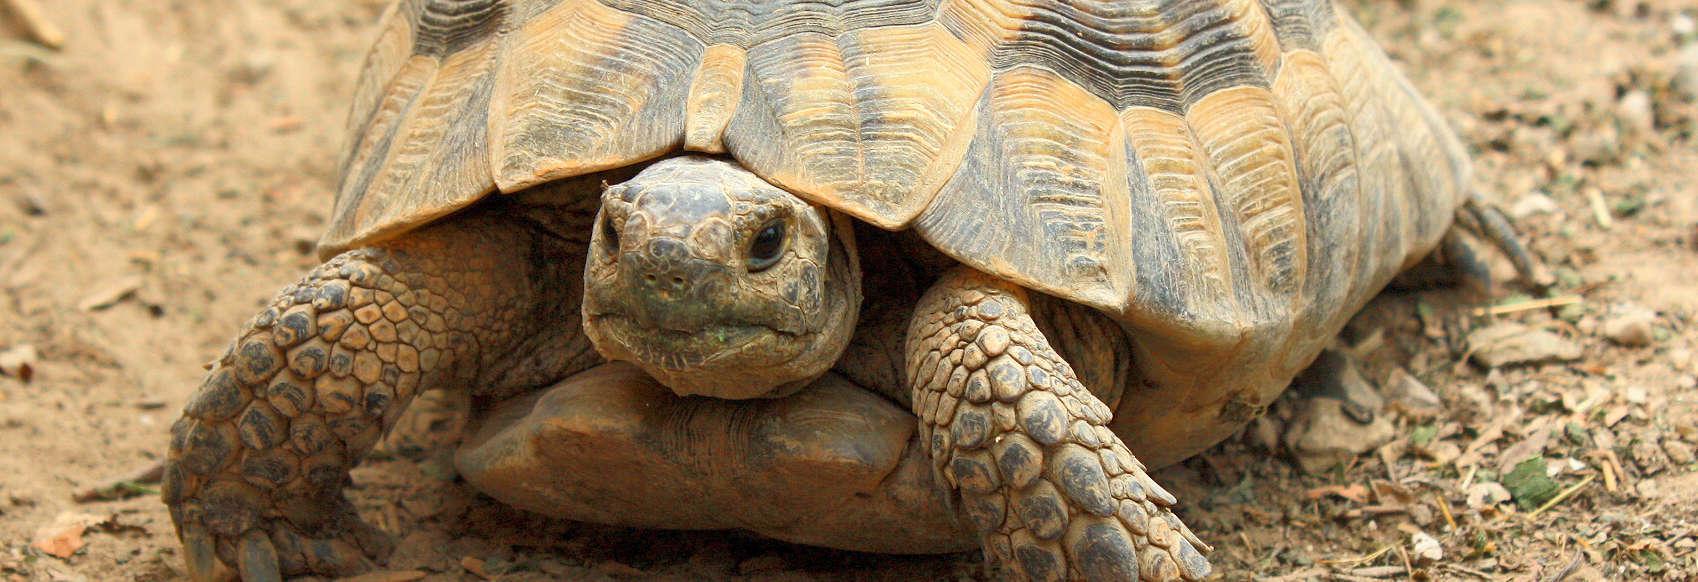 Maurische Landschildkröte8